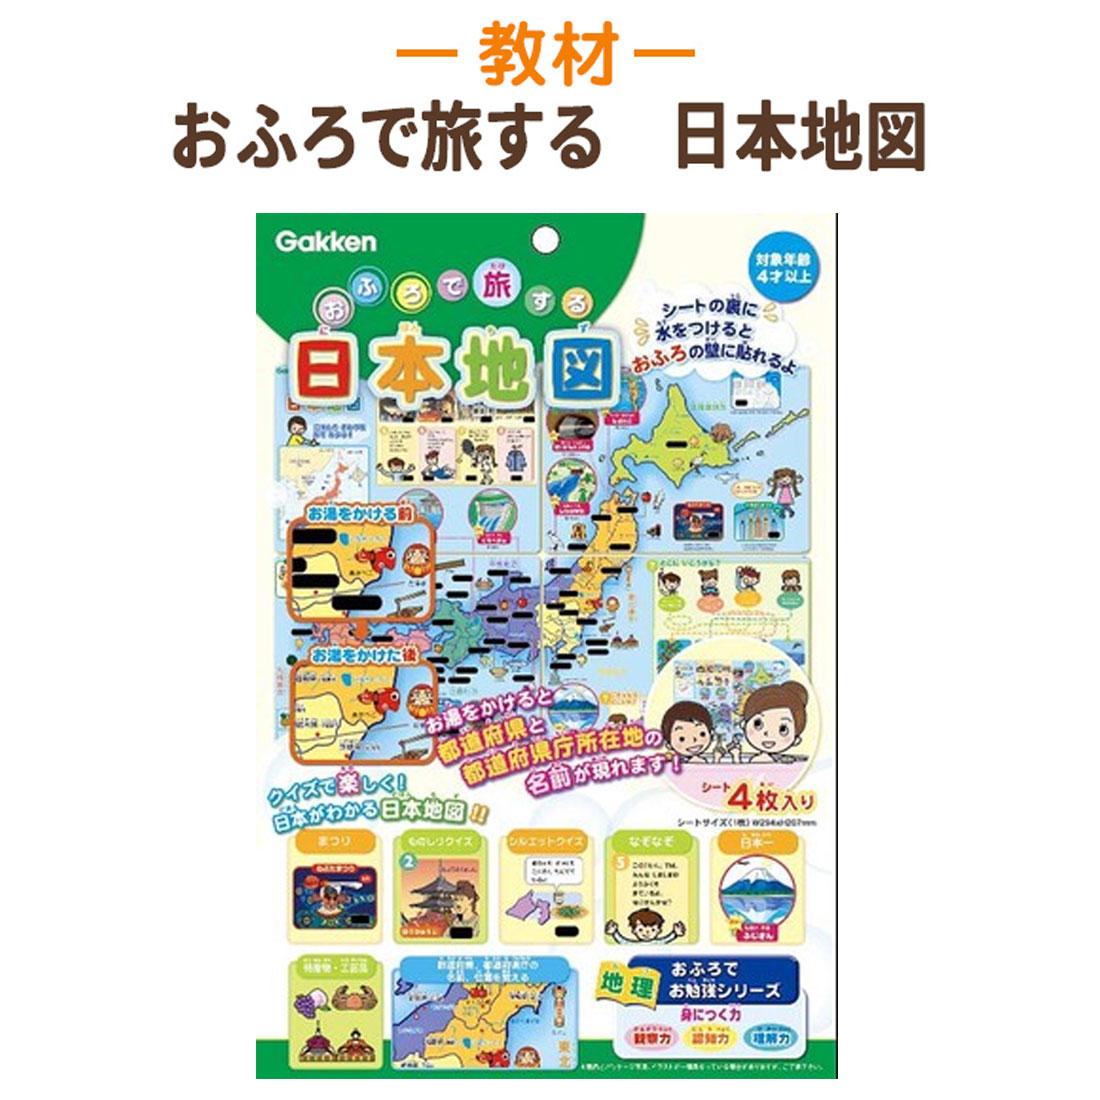 新入荷 流行 安い 激安 プチプラ 高品質 お風呂に貼れる日本地図 おふろで旅する 日本地図 学研 あす楽